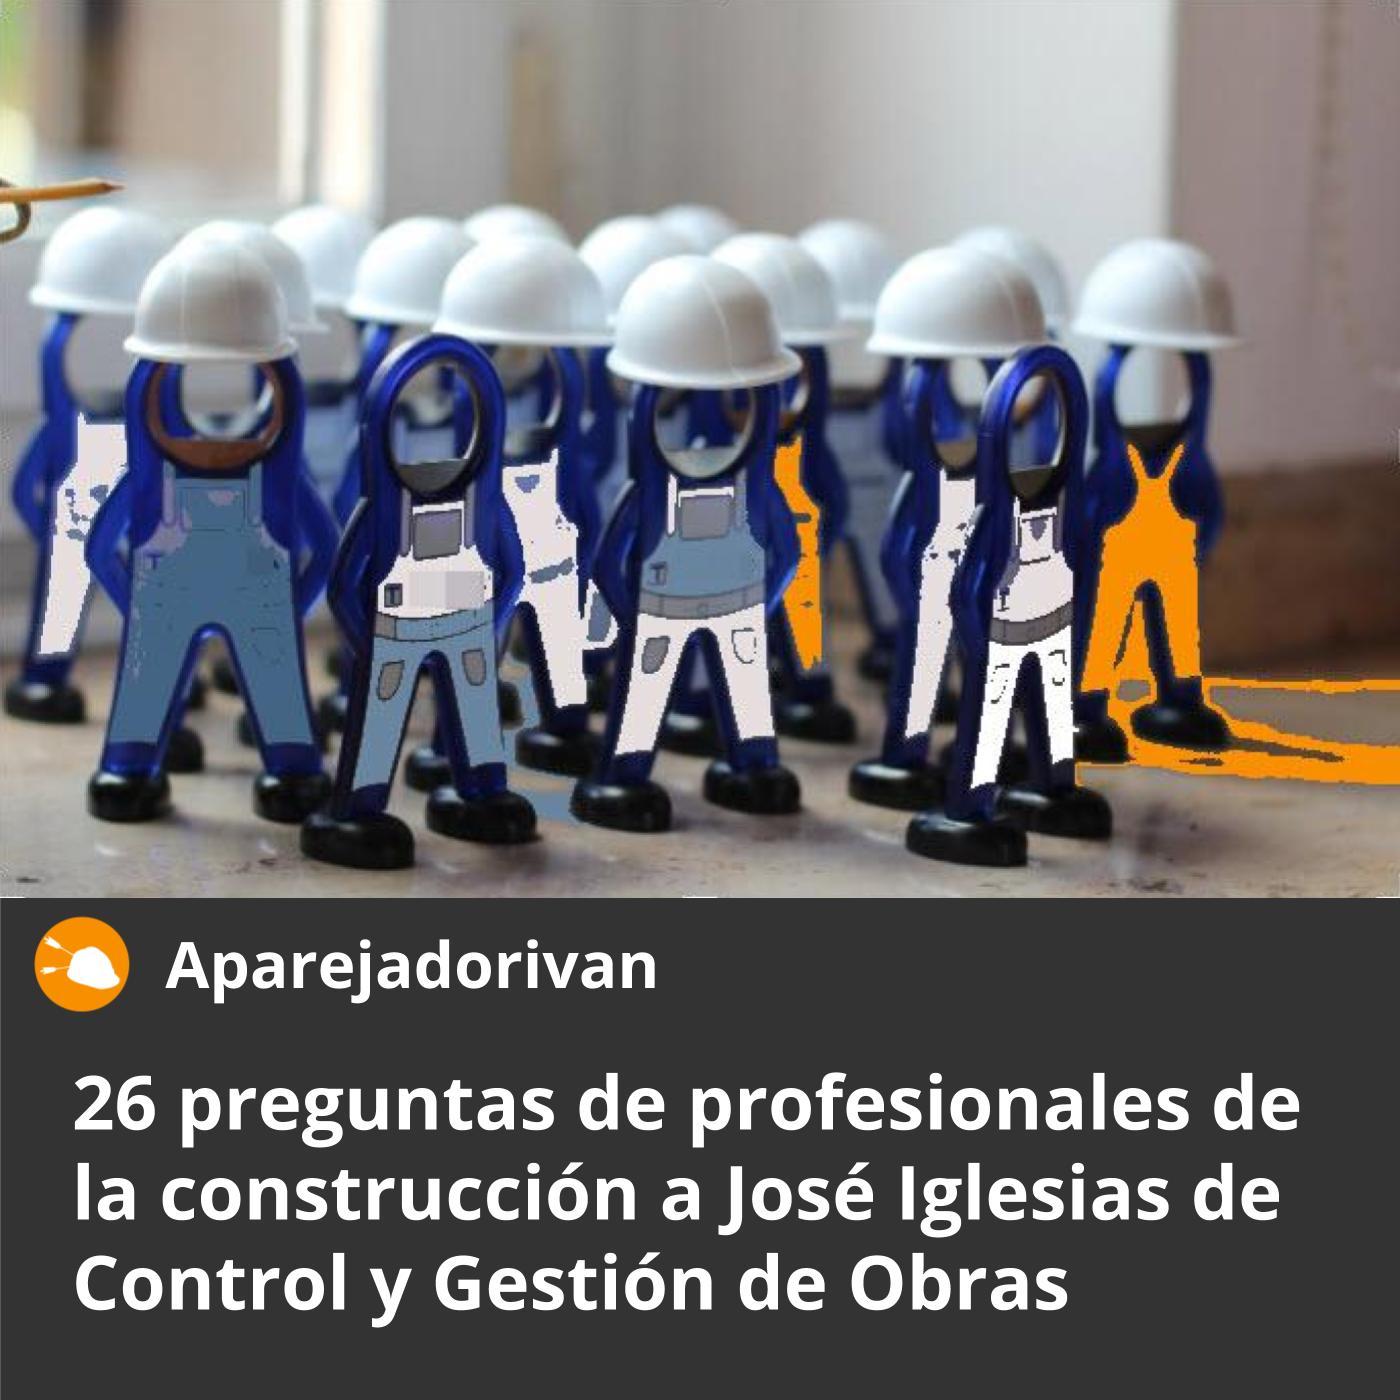 26 preguntas de profesionales de la constuccion a jose iglesias de control y gestion de obras